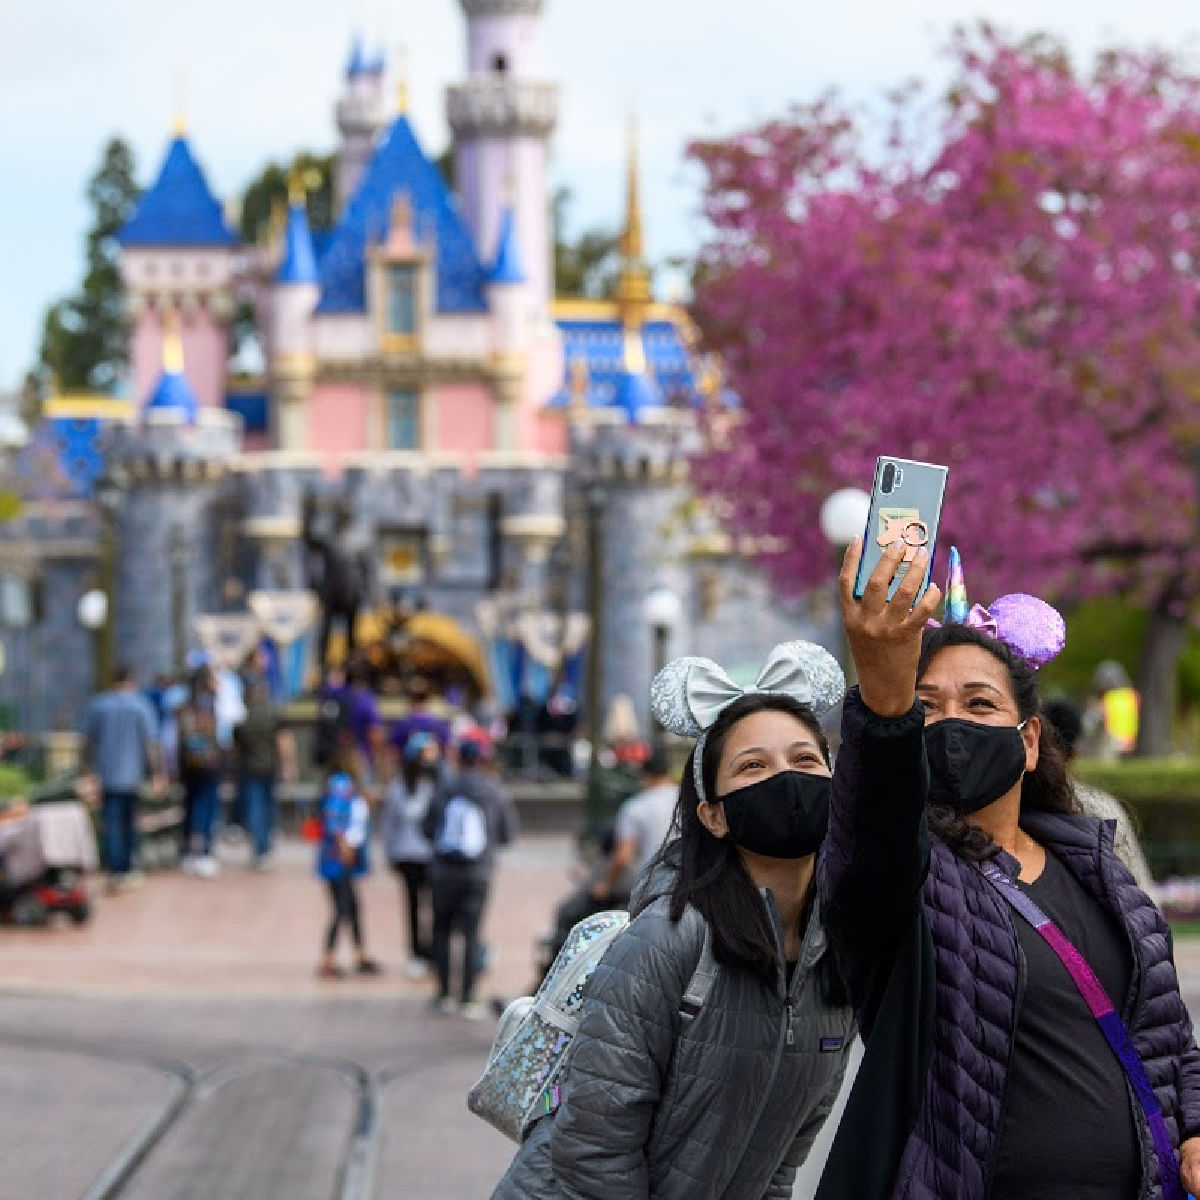 dos chicas con tapabocas tomándose foto enfrente del castillo durante la reapertura de Disneylandia